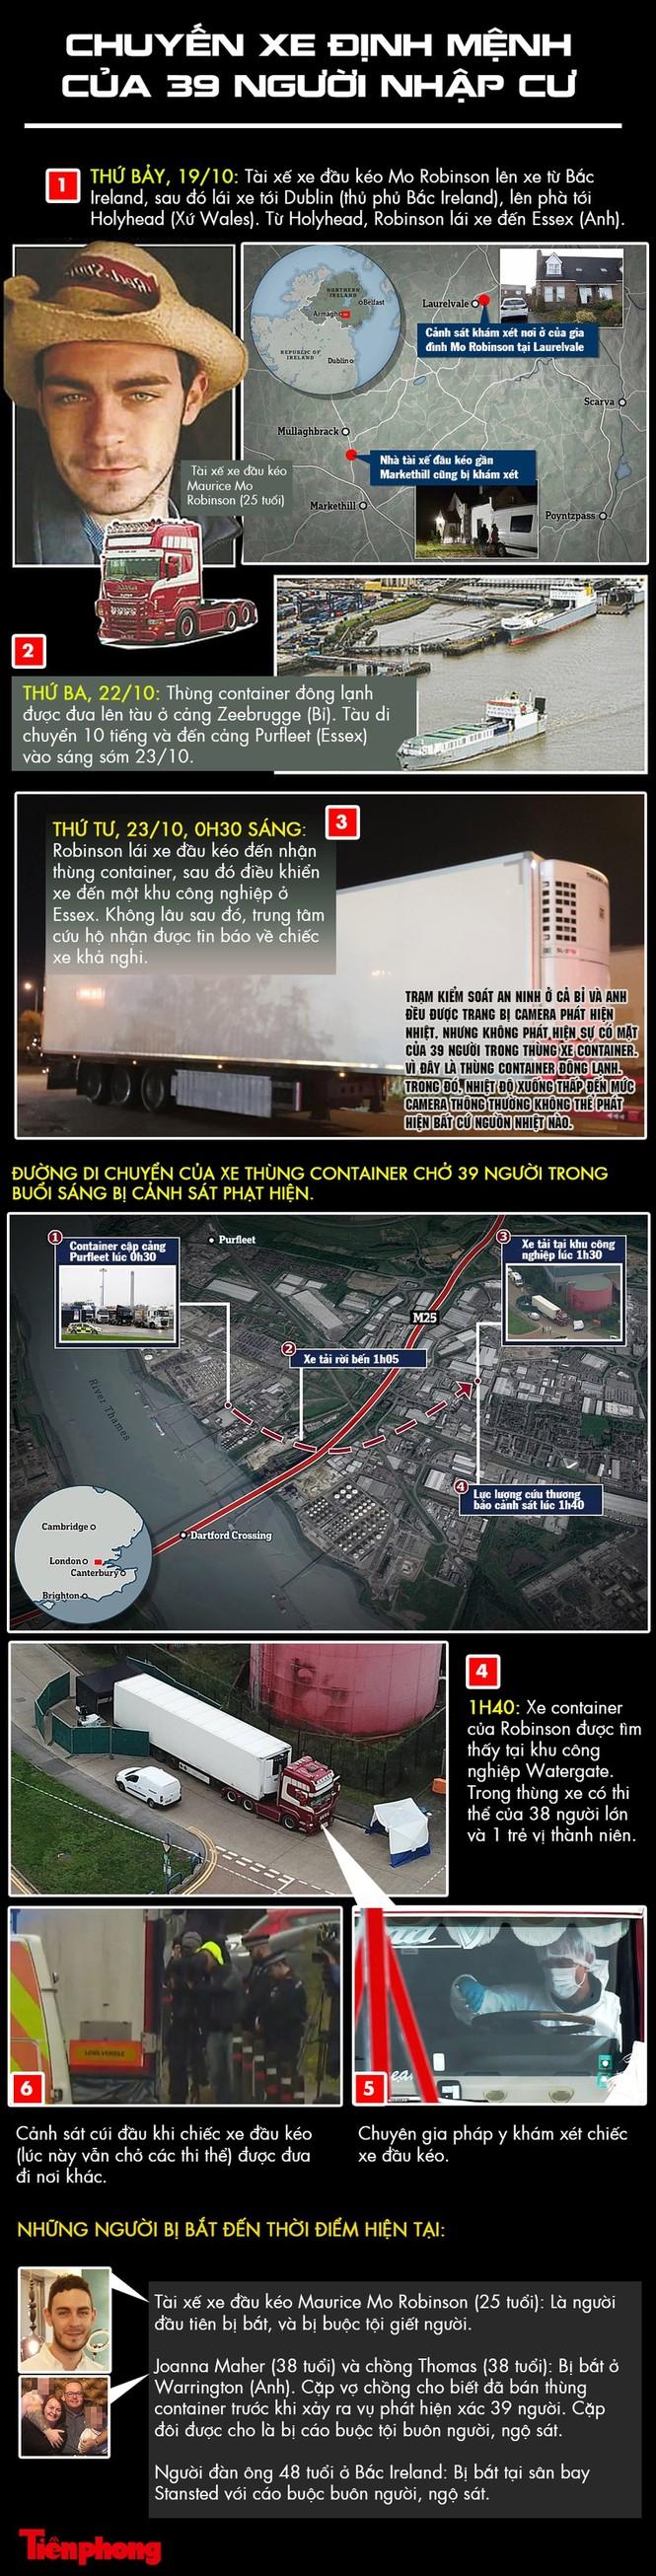 Vụ 39 người chết trên xe tải ở Anh: Thùng container không được làm lạnh? - ảnh 1